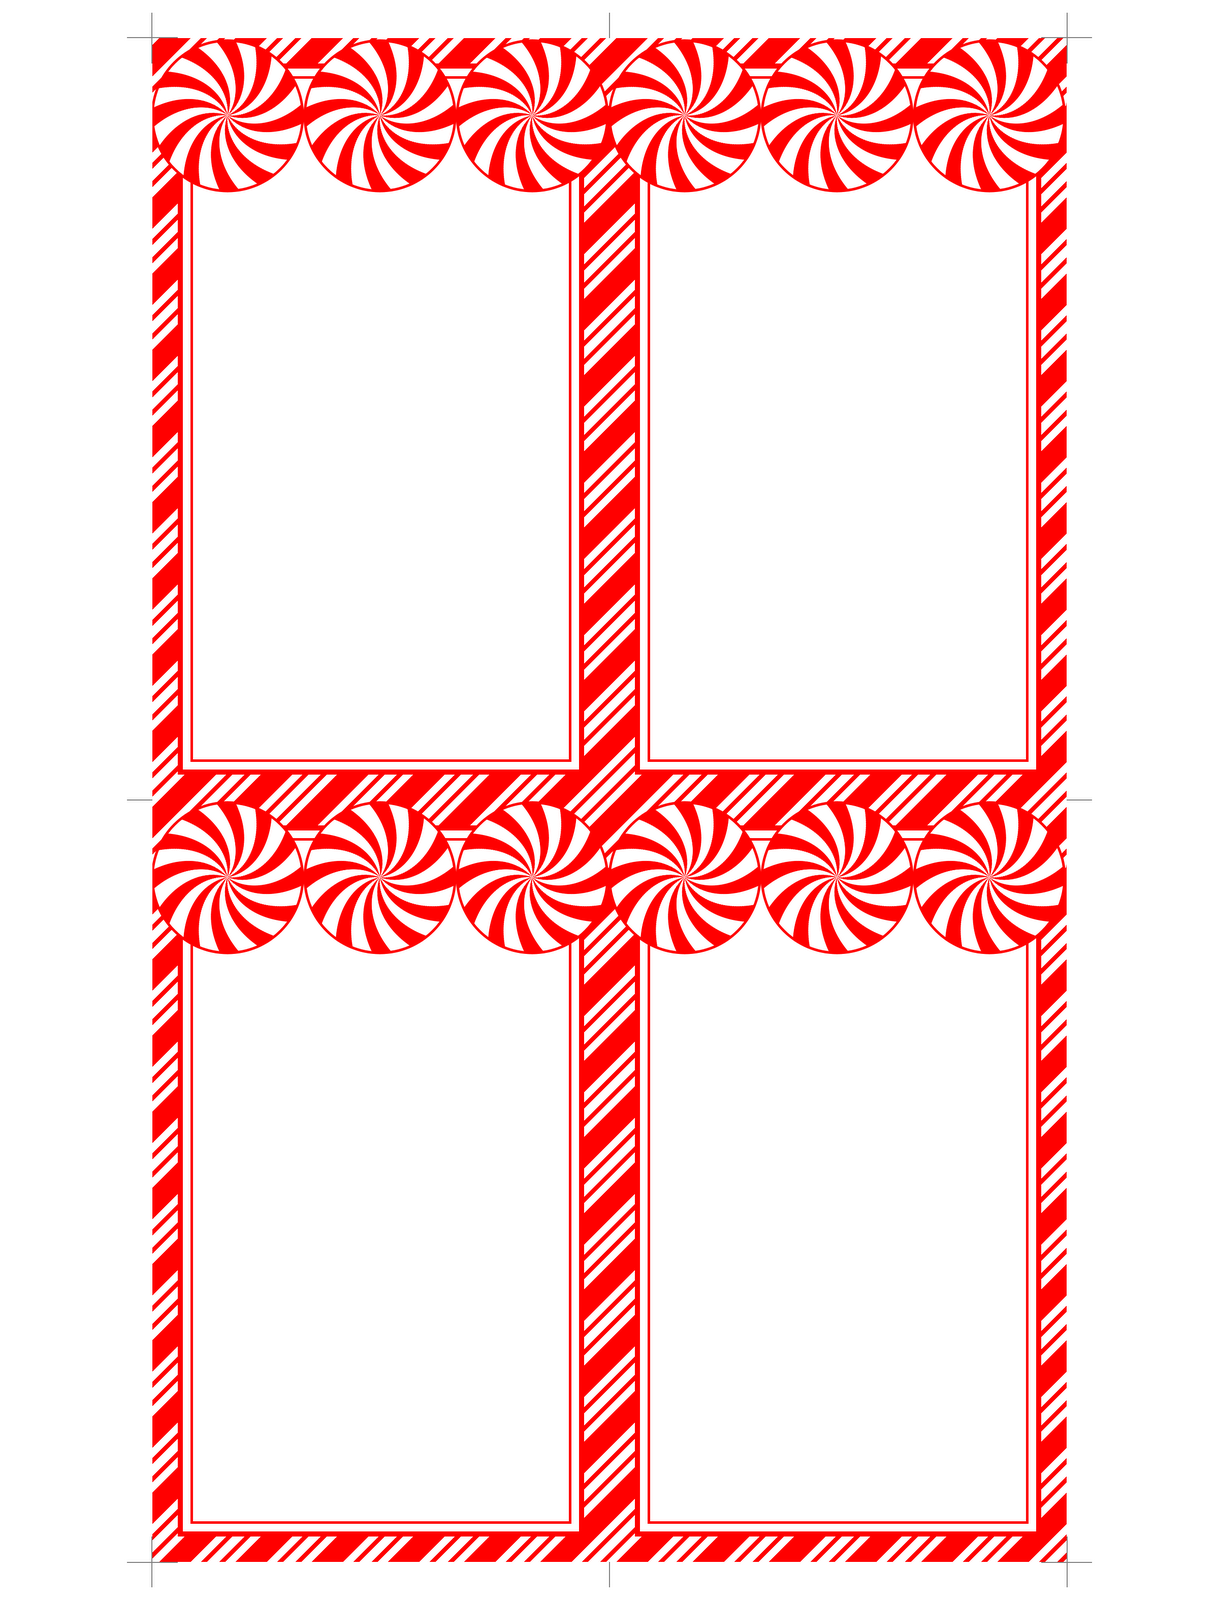 Printable Blank Christmas Gift Tags Templates